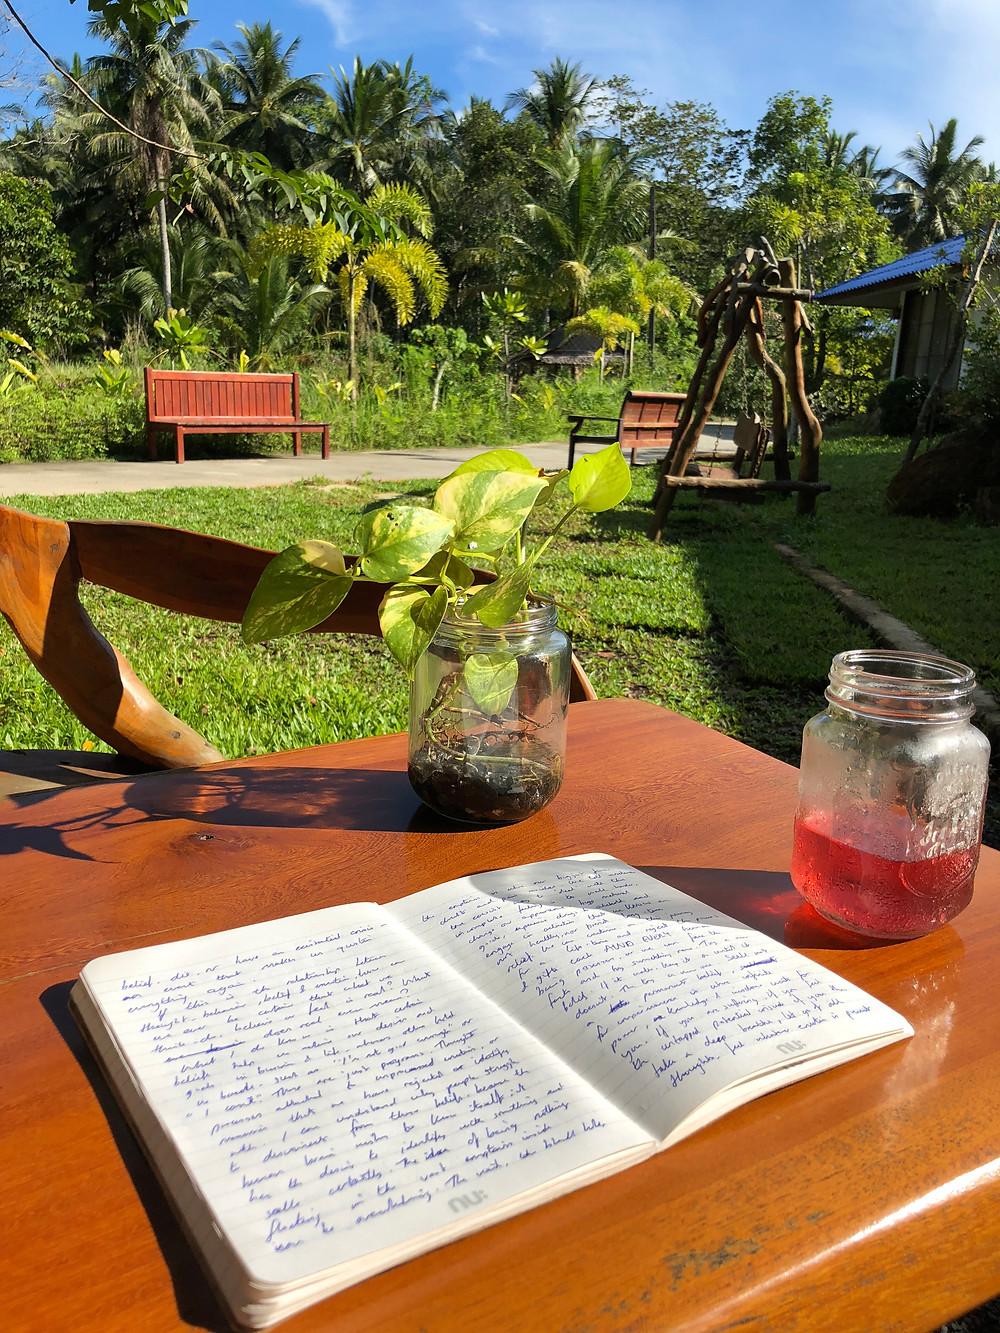 Wills journal in Ko Pha-Ngan